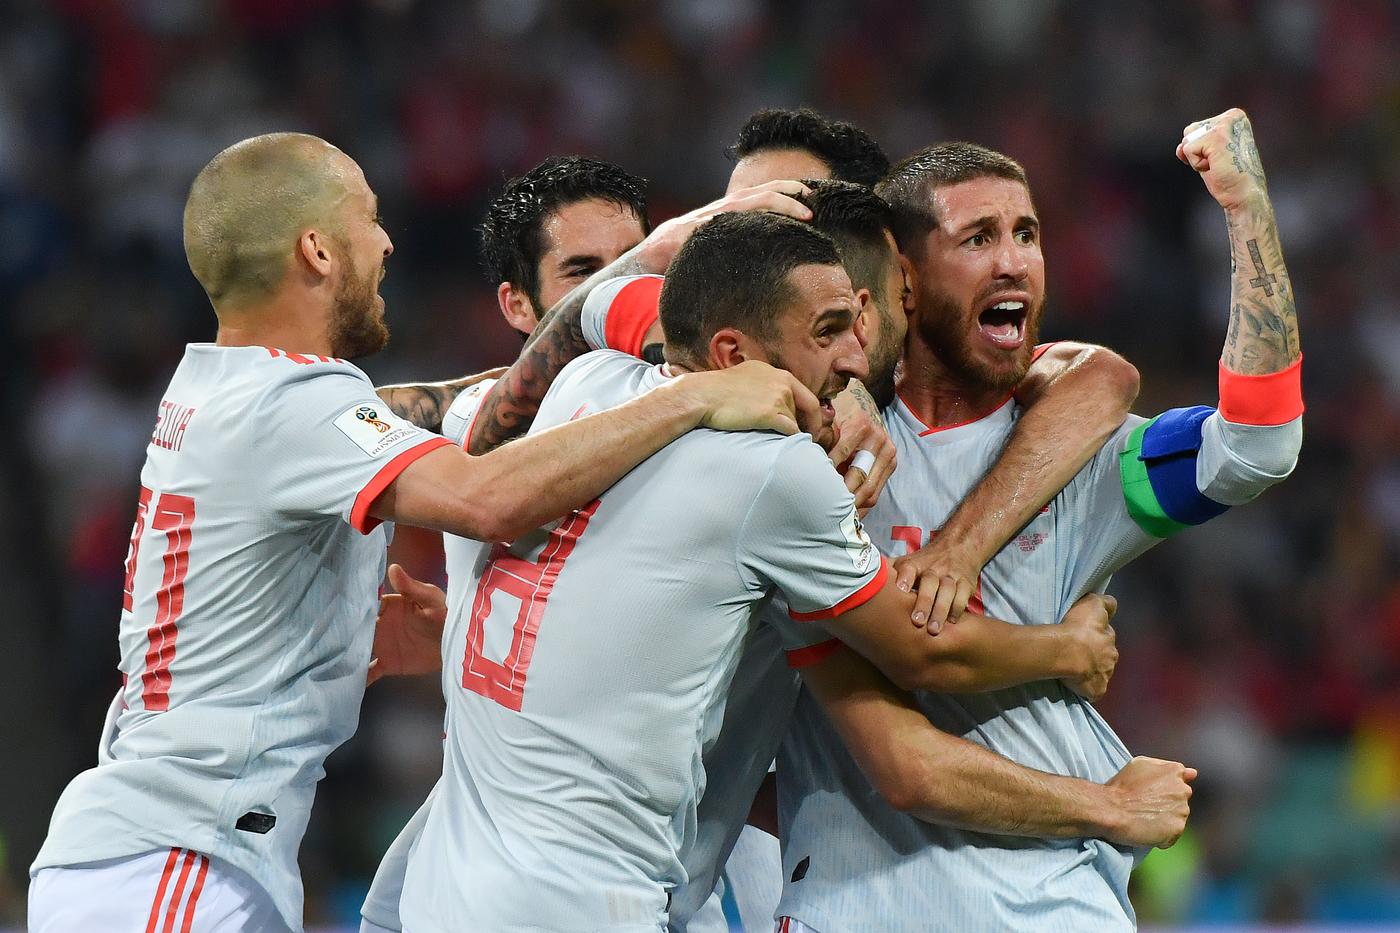 Iran-Spagna mercoledì 20 giugno, analisi e pronostico Mondiali Russia 2018 girone B